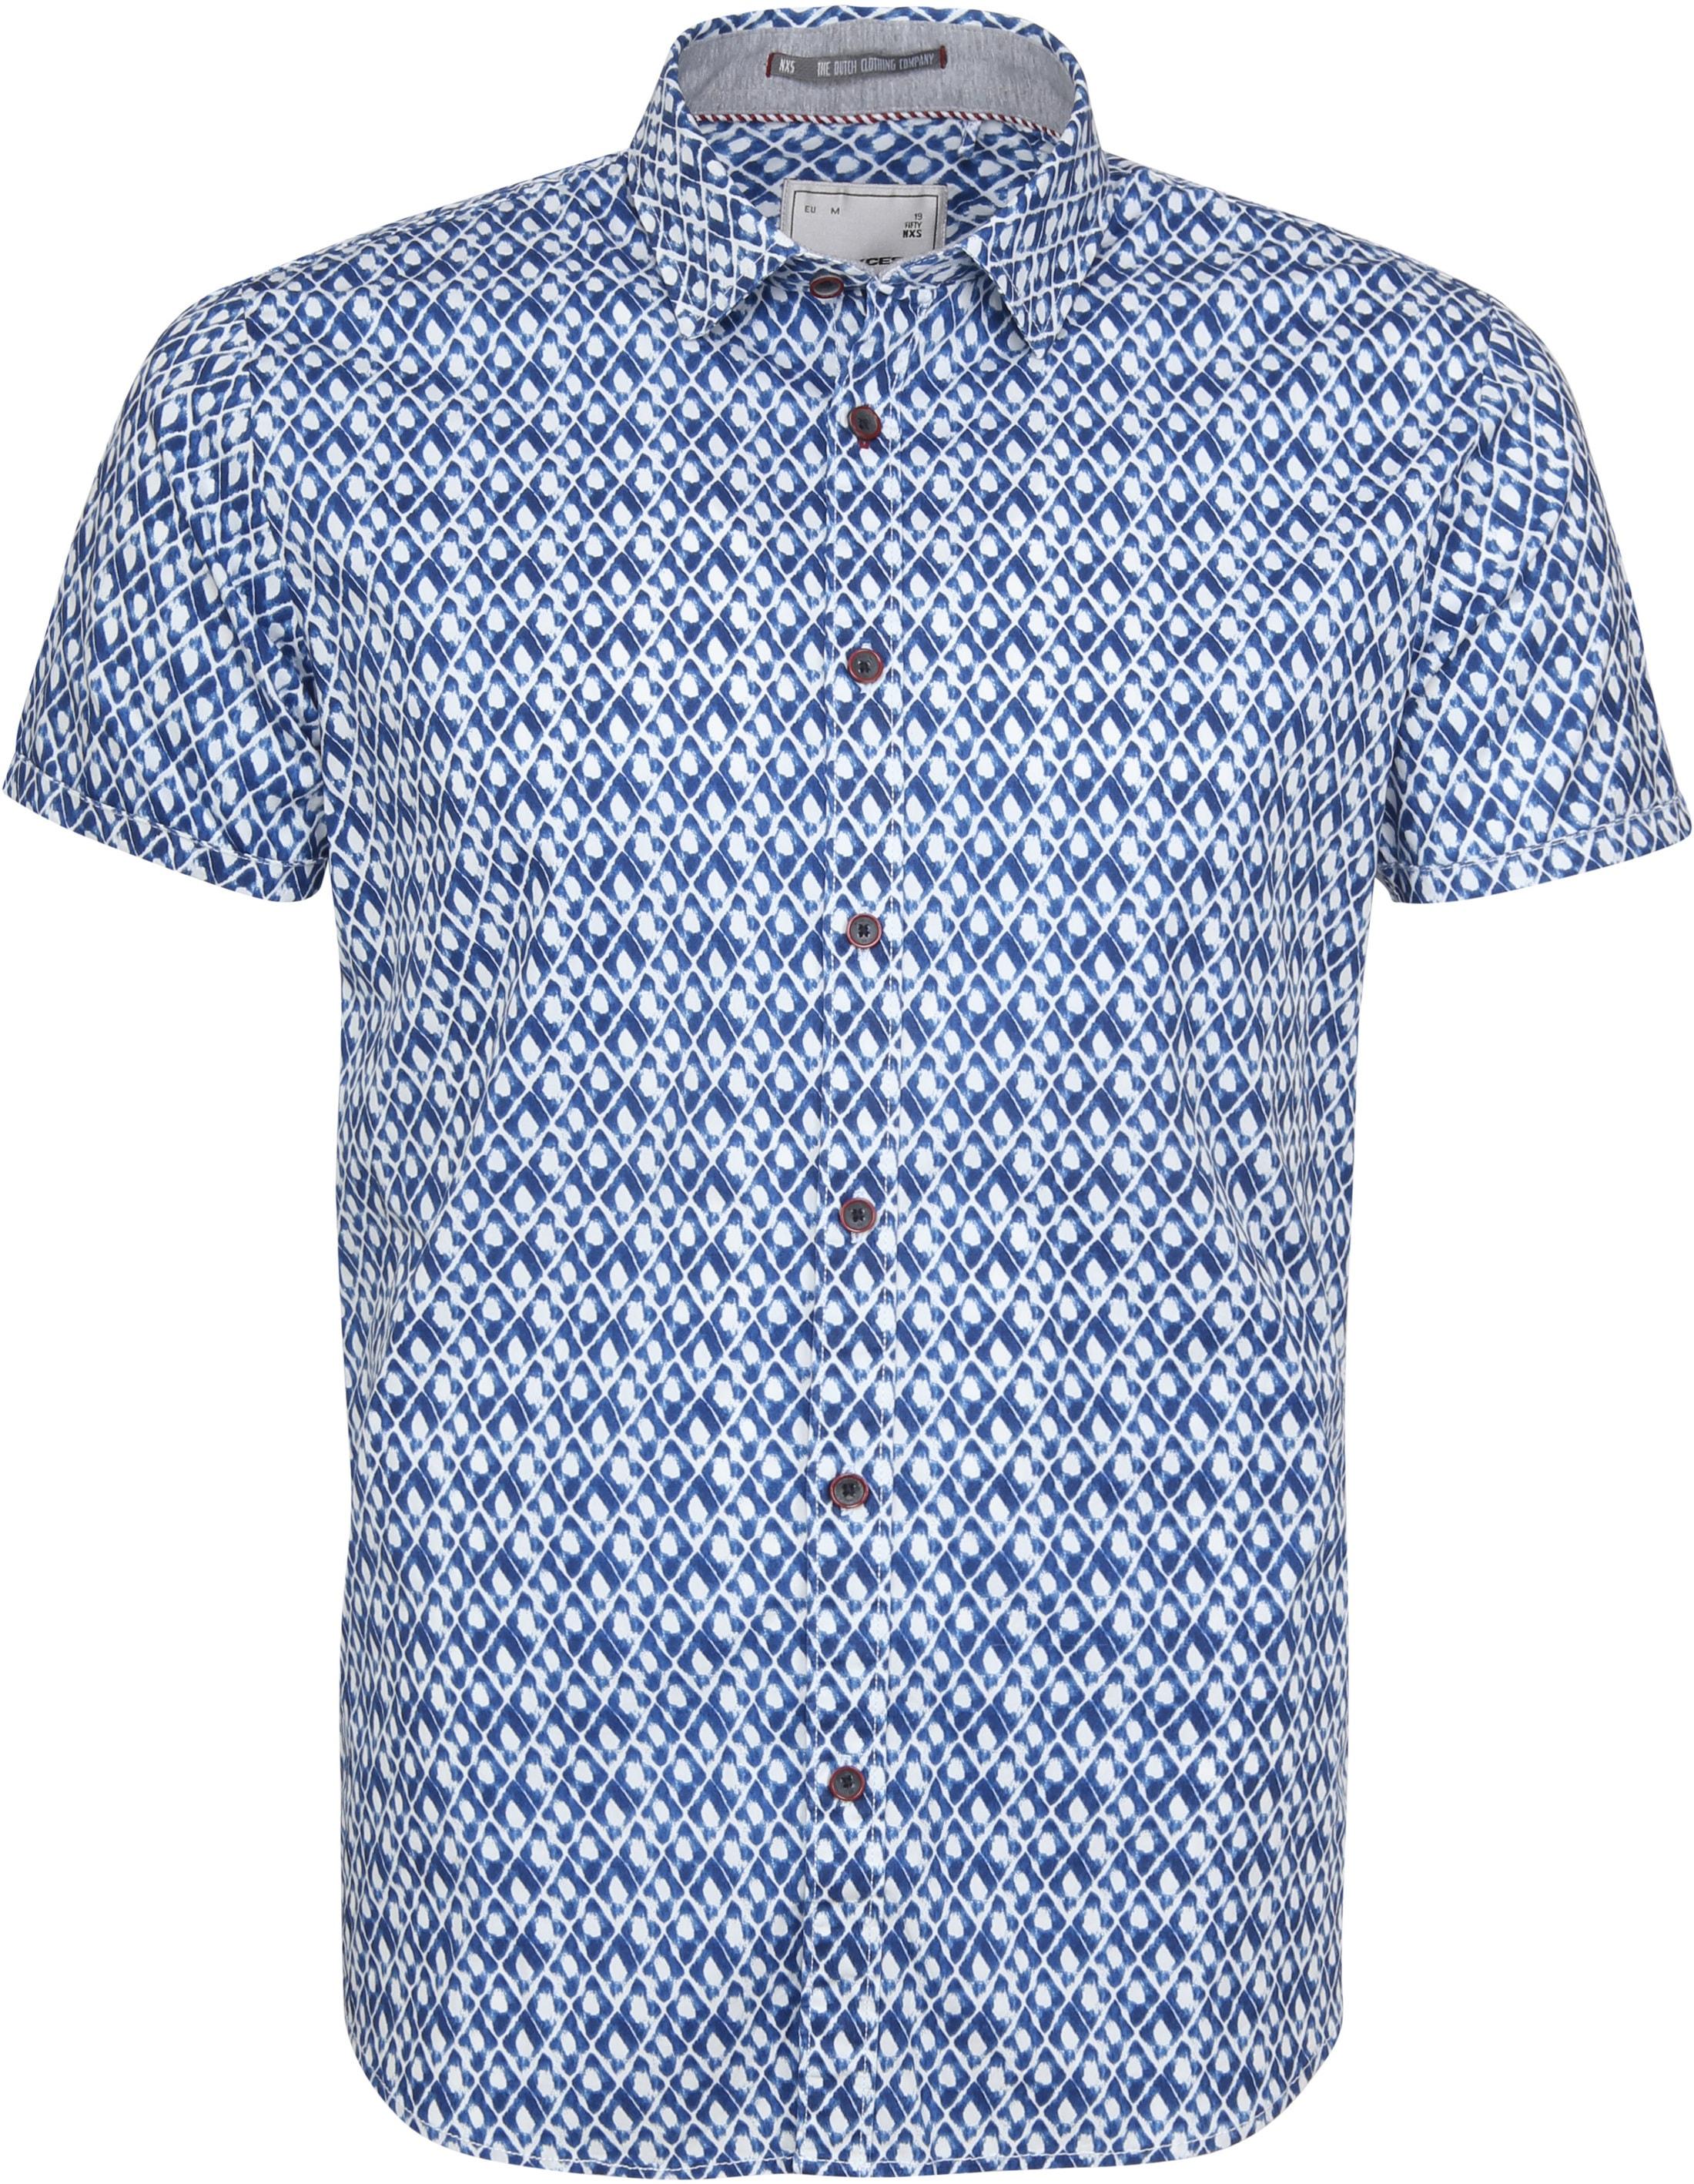 gut aus x Top-Mode die beste Einstellung No-Excess Hemd SS Print Indigo 90460304 online kaufen | Suitable